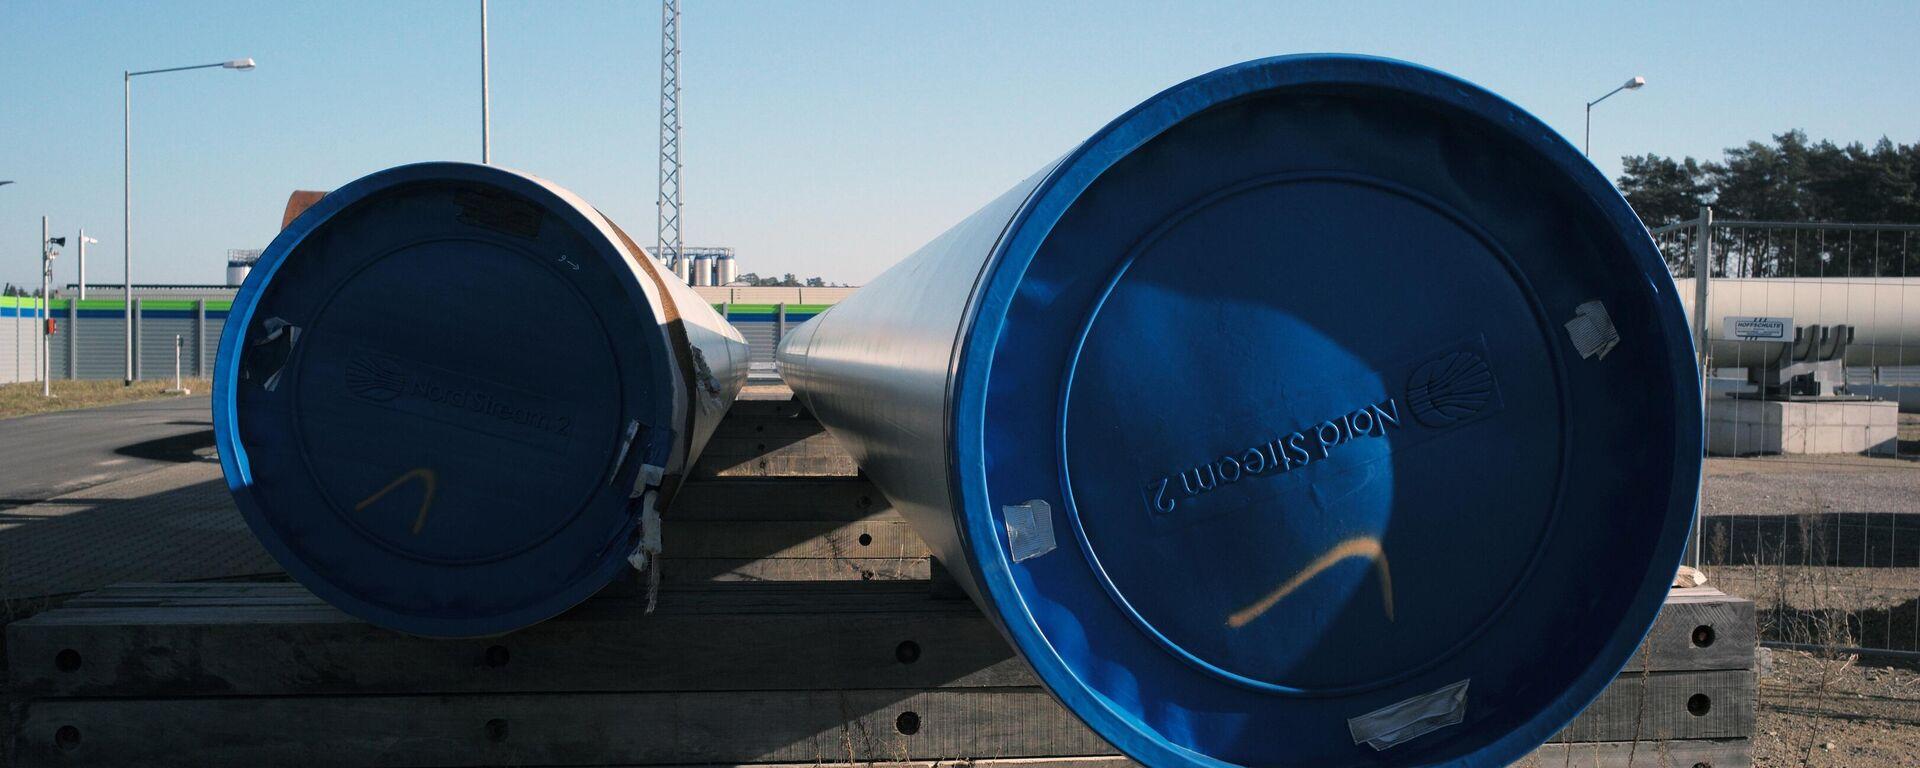 Строительство газопровода Северный поток-2  - Sputnik Таджикистан, 1920, 22.05.2021